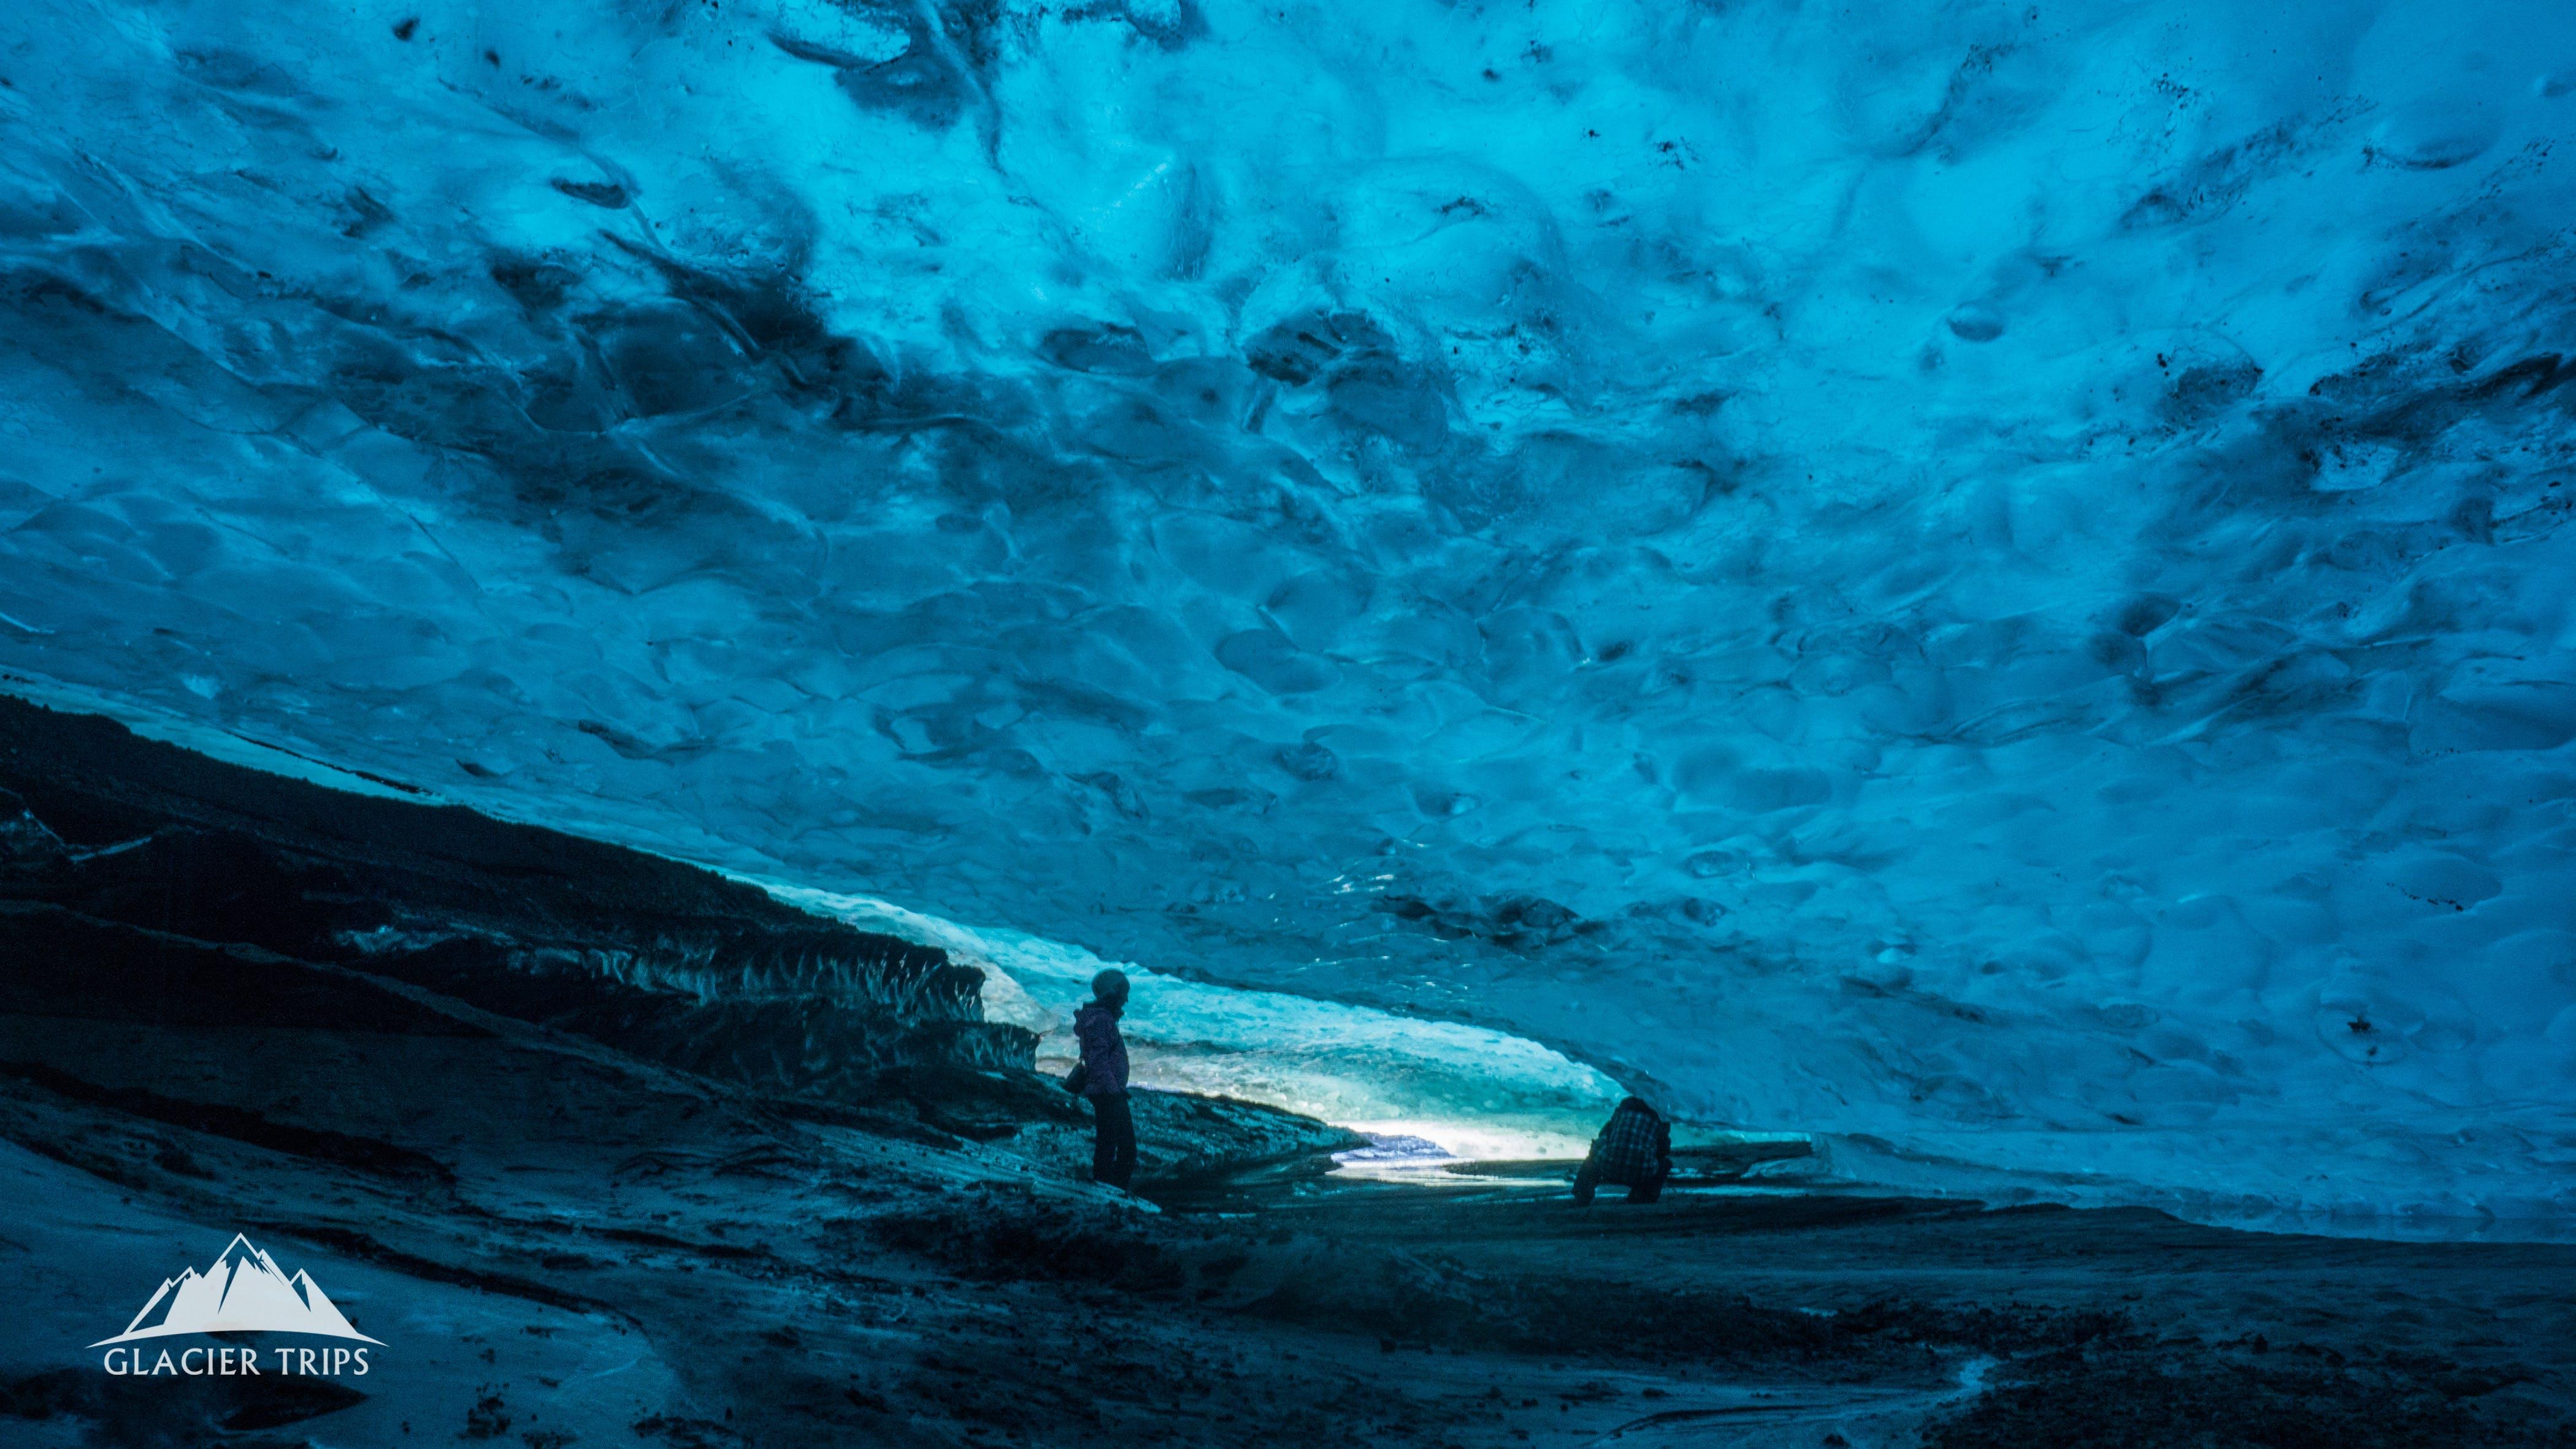 Ice Cave - A l'intérieur du plus grand glacier d'Europe